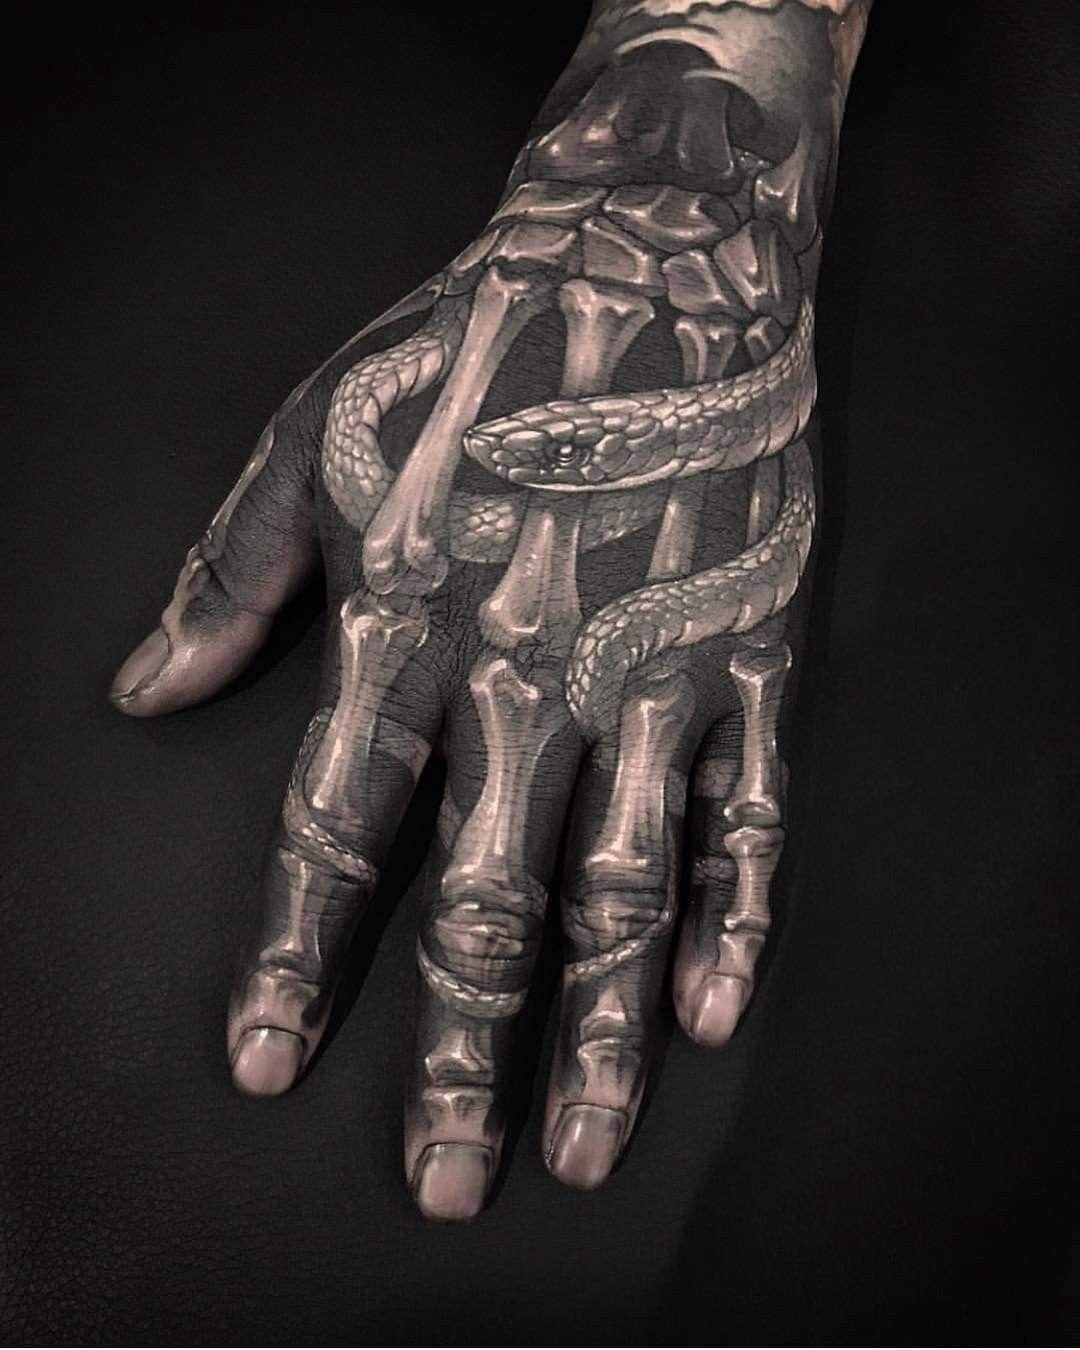 Pin By Kei Yosi On Arte Na Pele Tattoo Lovers Hand Tattoos Skeleton Hand Tattoo Cool Tattoos For Guys